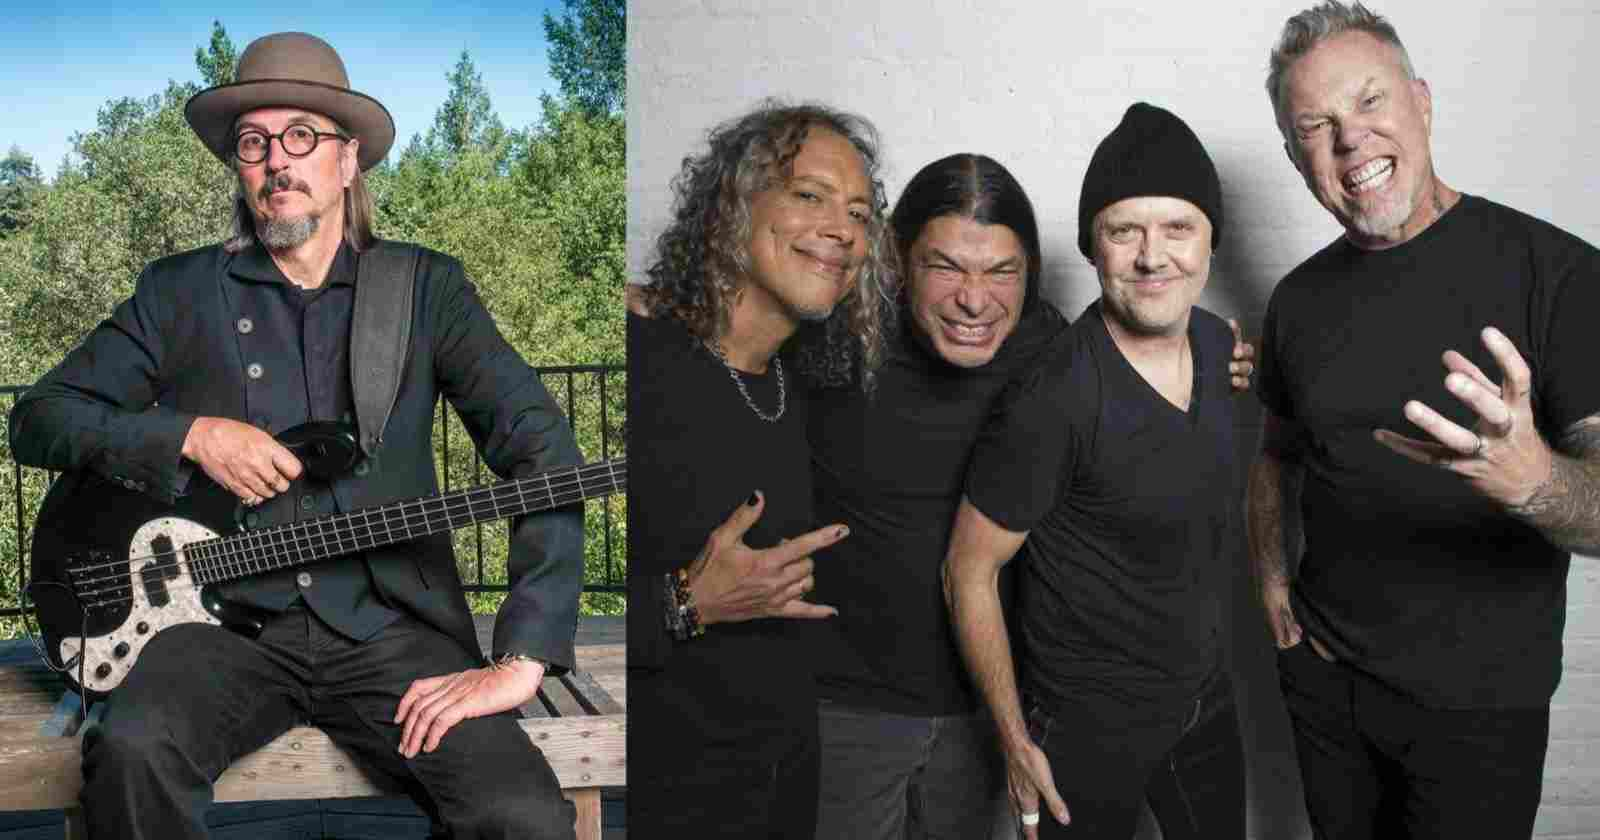 Les Claypool Metallica